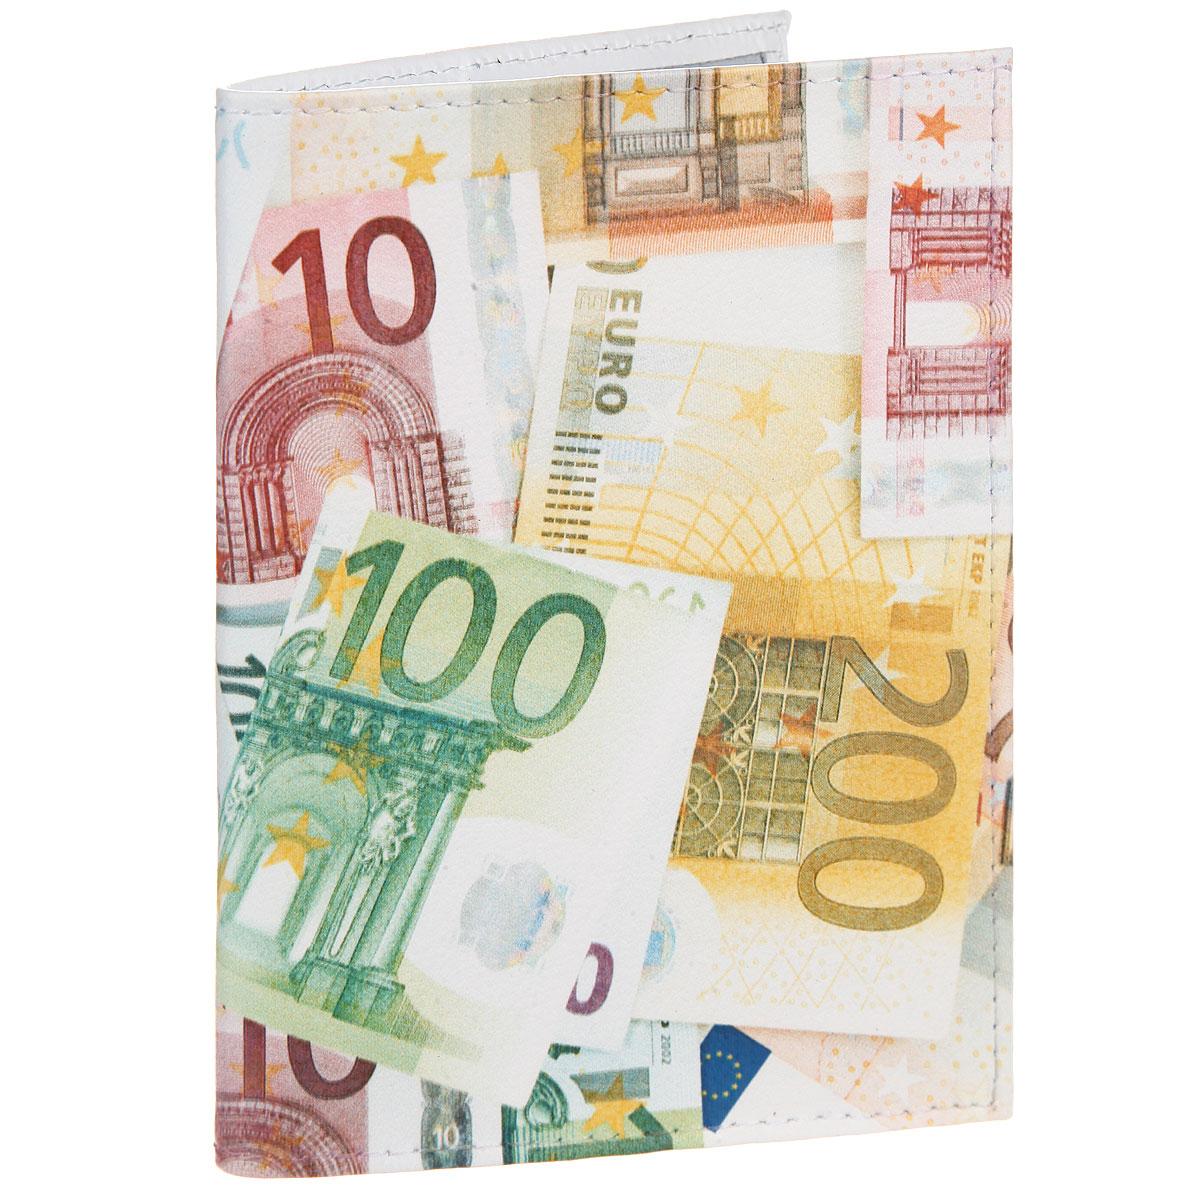 Обложка для паспорта Евро. OK354OK283Стильная обложка для паспорта Mitya Veselkov Евро выполнена из натуральной кожи с зернистой текстурой. Обложка оформлена художественной печатью с изображением купюр. На оборотной стороне имеет карман для посадочного талона.Элегантная обложка Mitya Veselkov Евро не только поможет сохранить внешний вид ваших документов и защитит их от повреждений, но и станет стильным аксессуаром, идеально подходящим вашему образу.